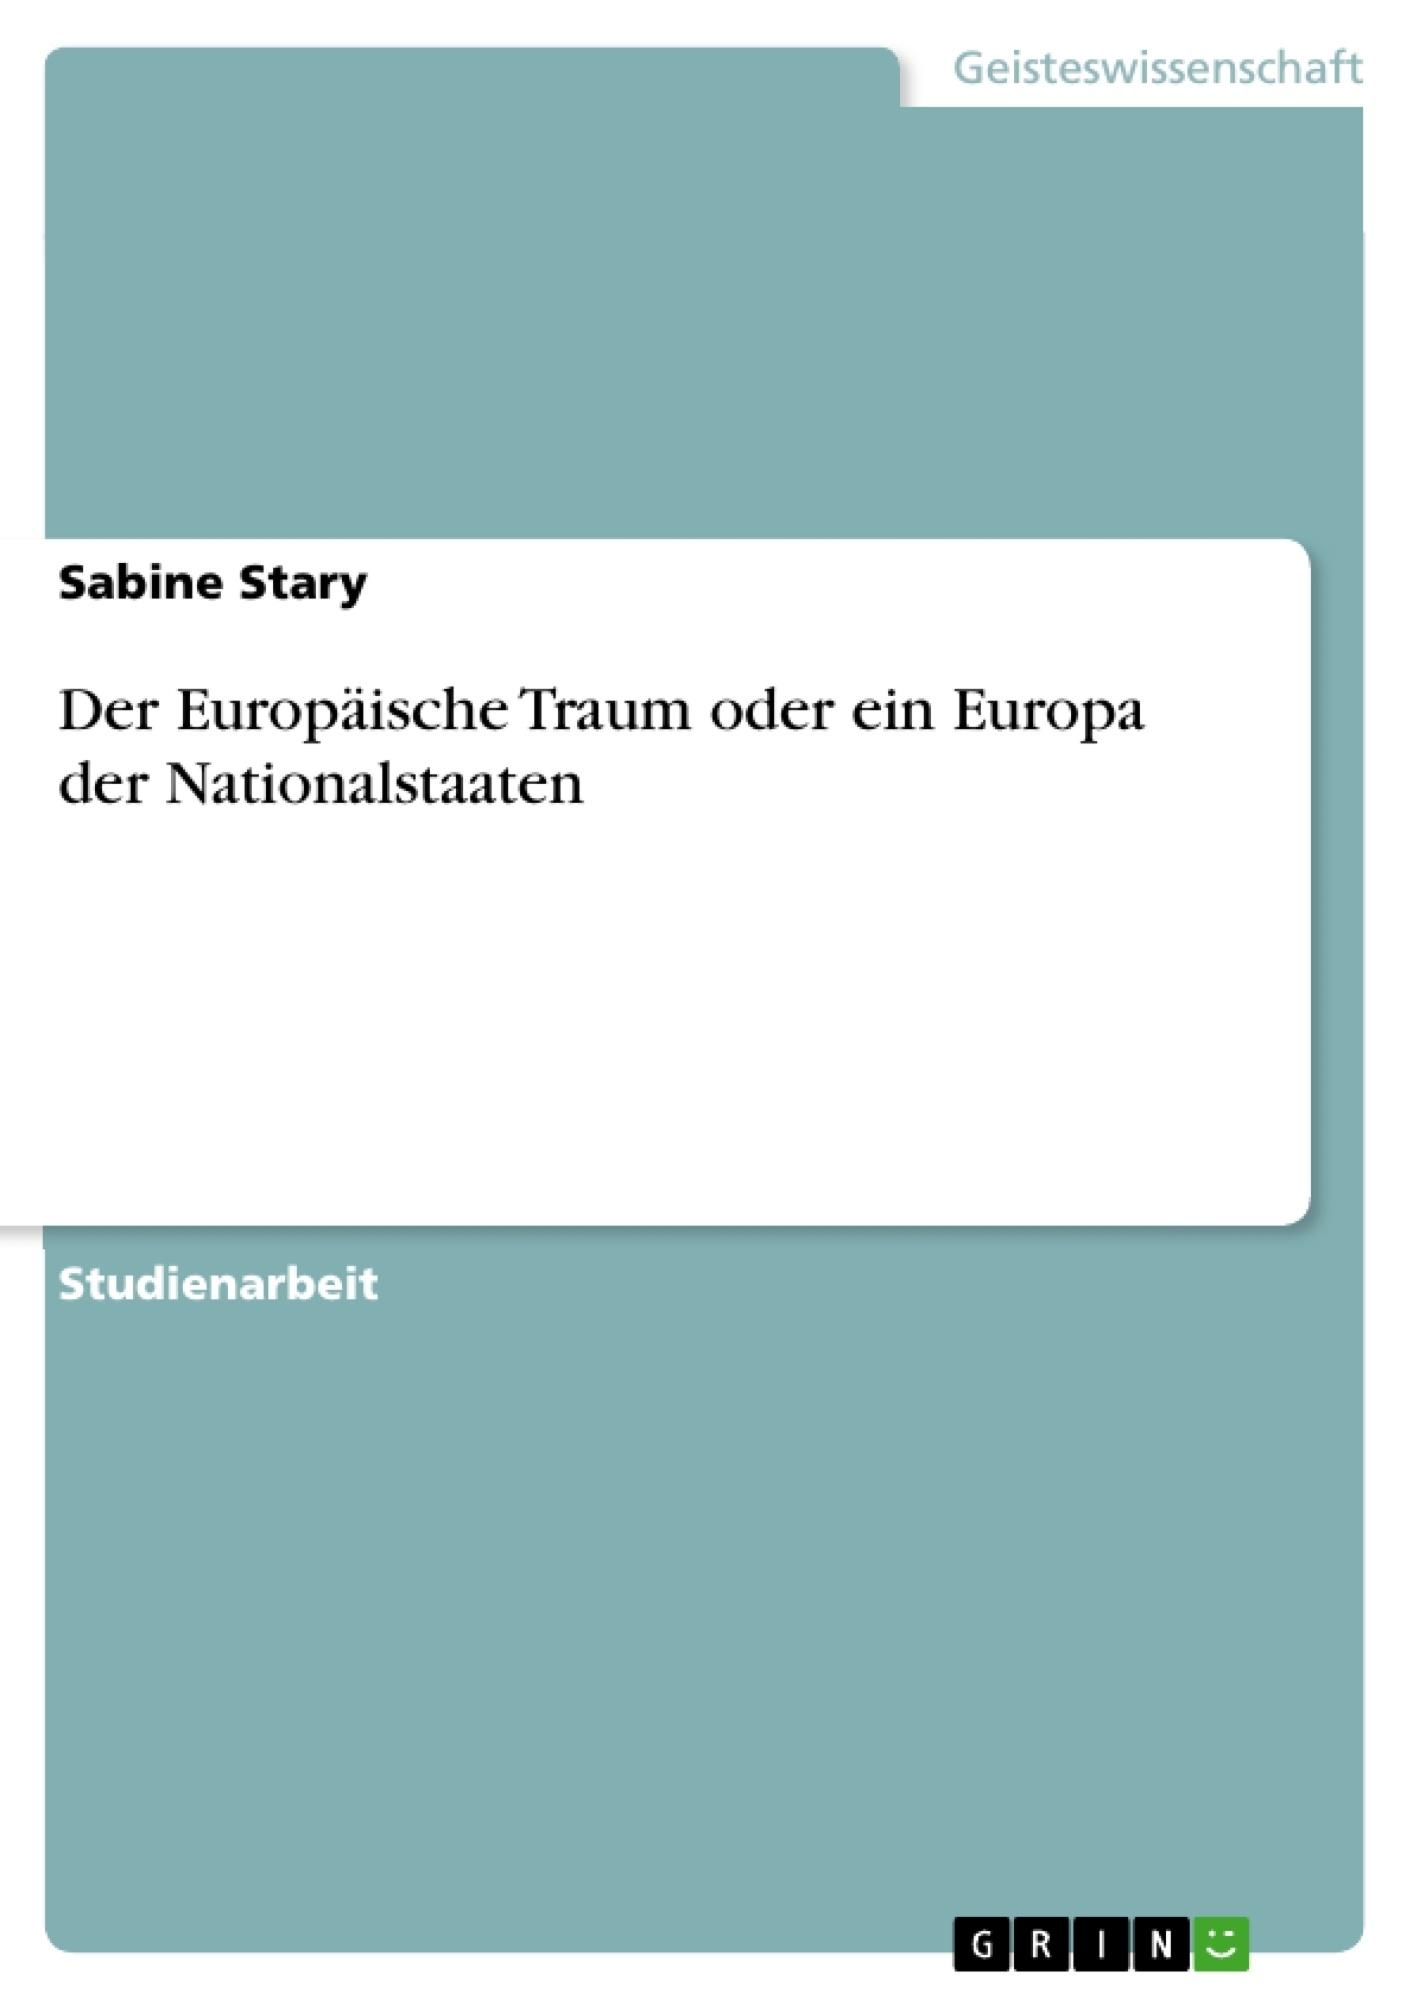 Titel: Der Europäische Traum oder ein Europa der Nationalstaaten